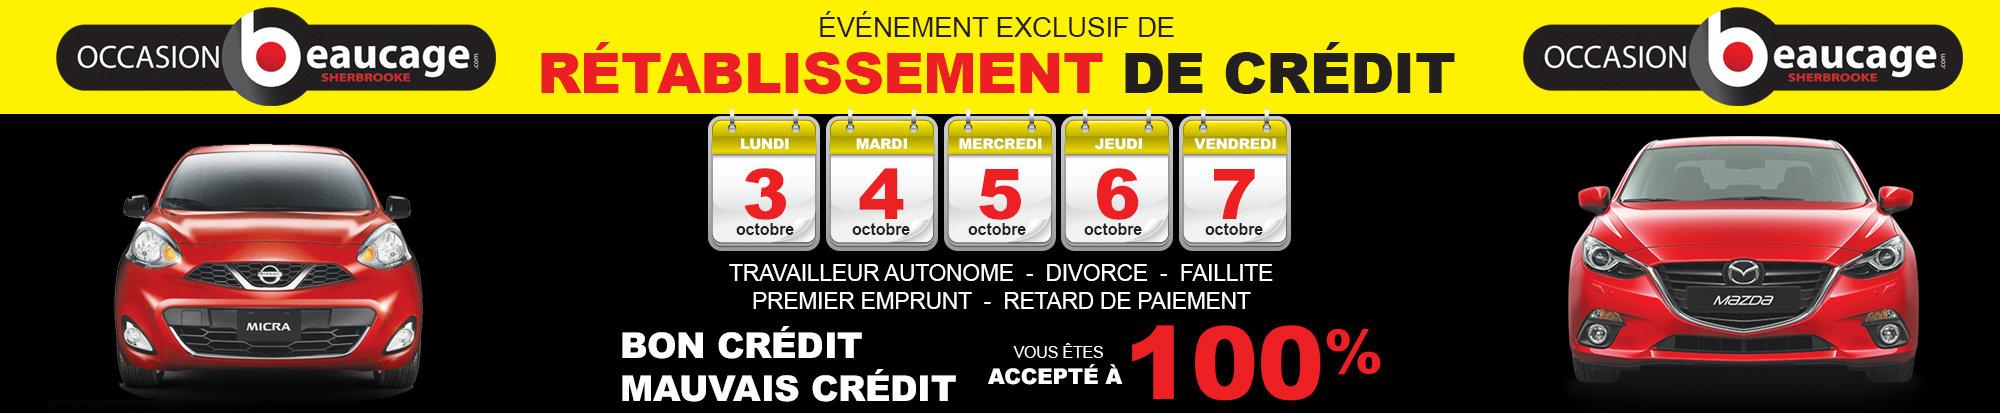 L'événement exclusif de rétablissement de crédit